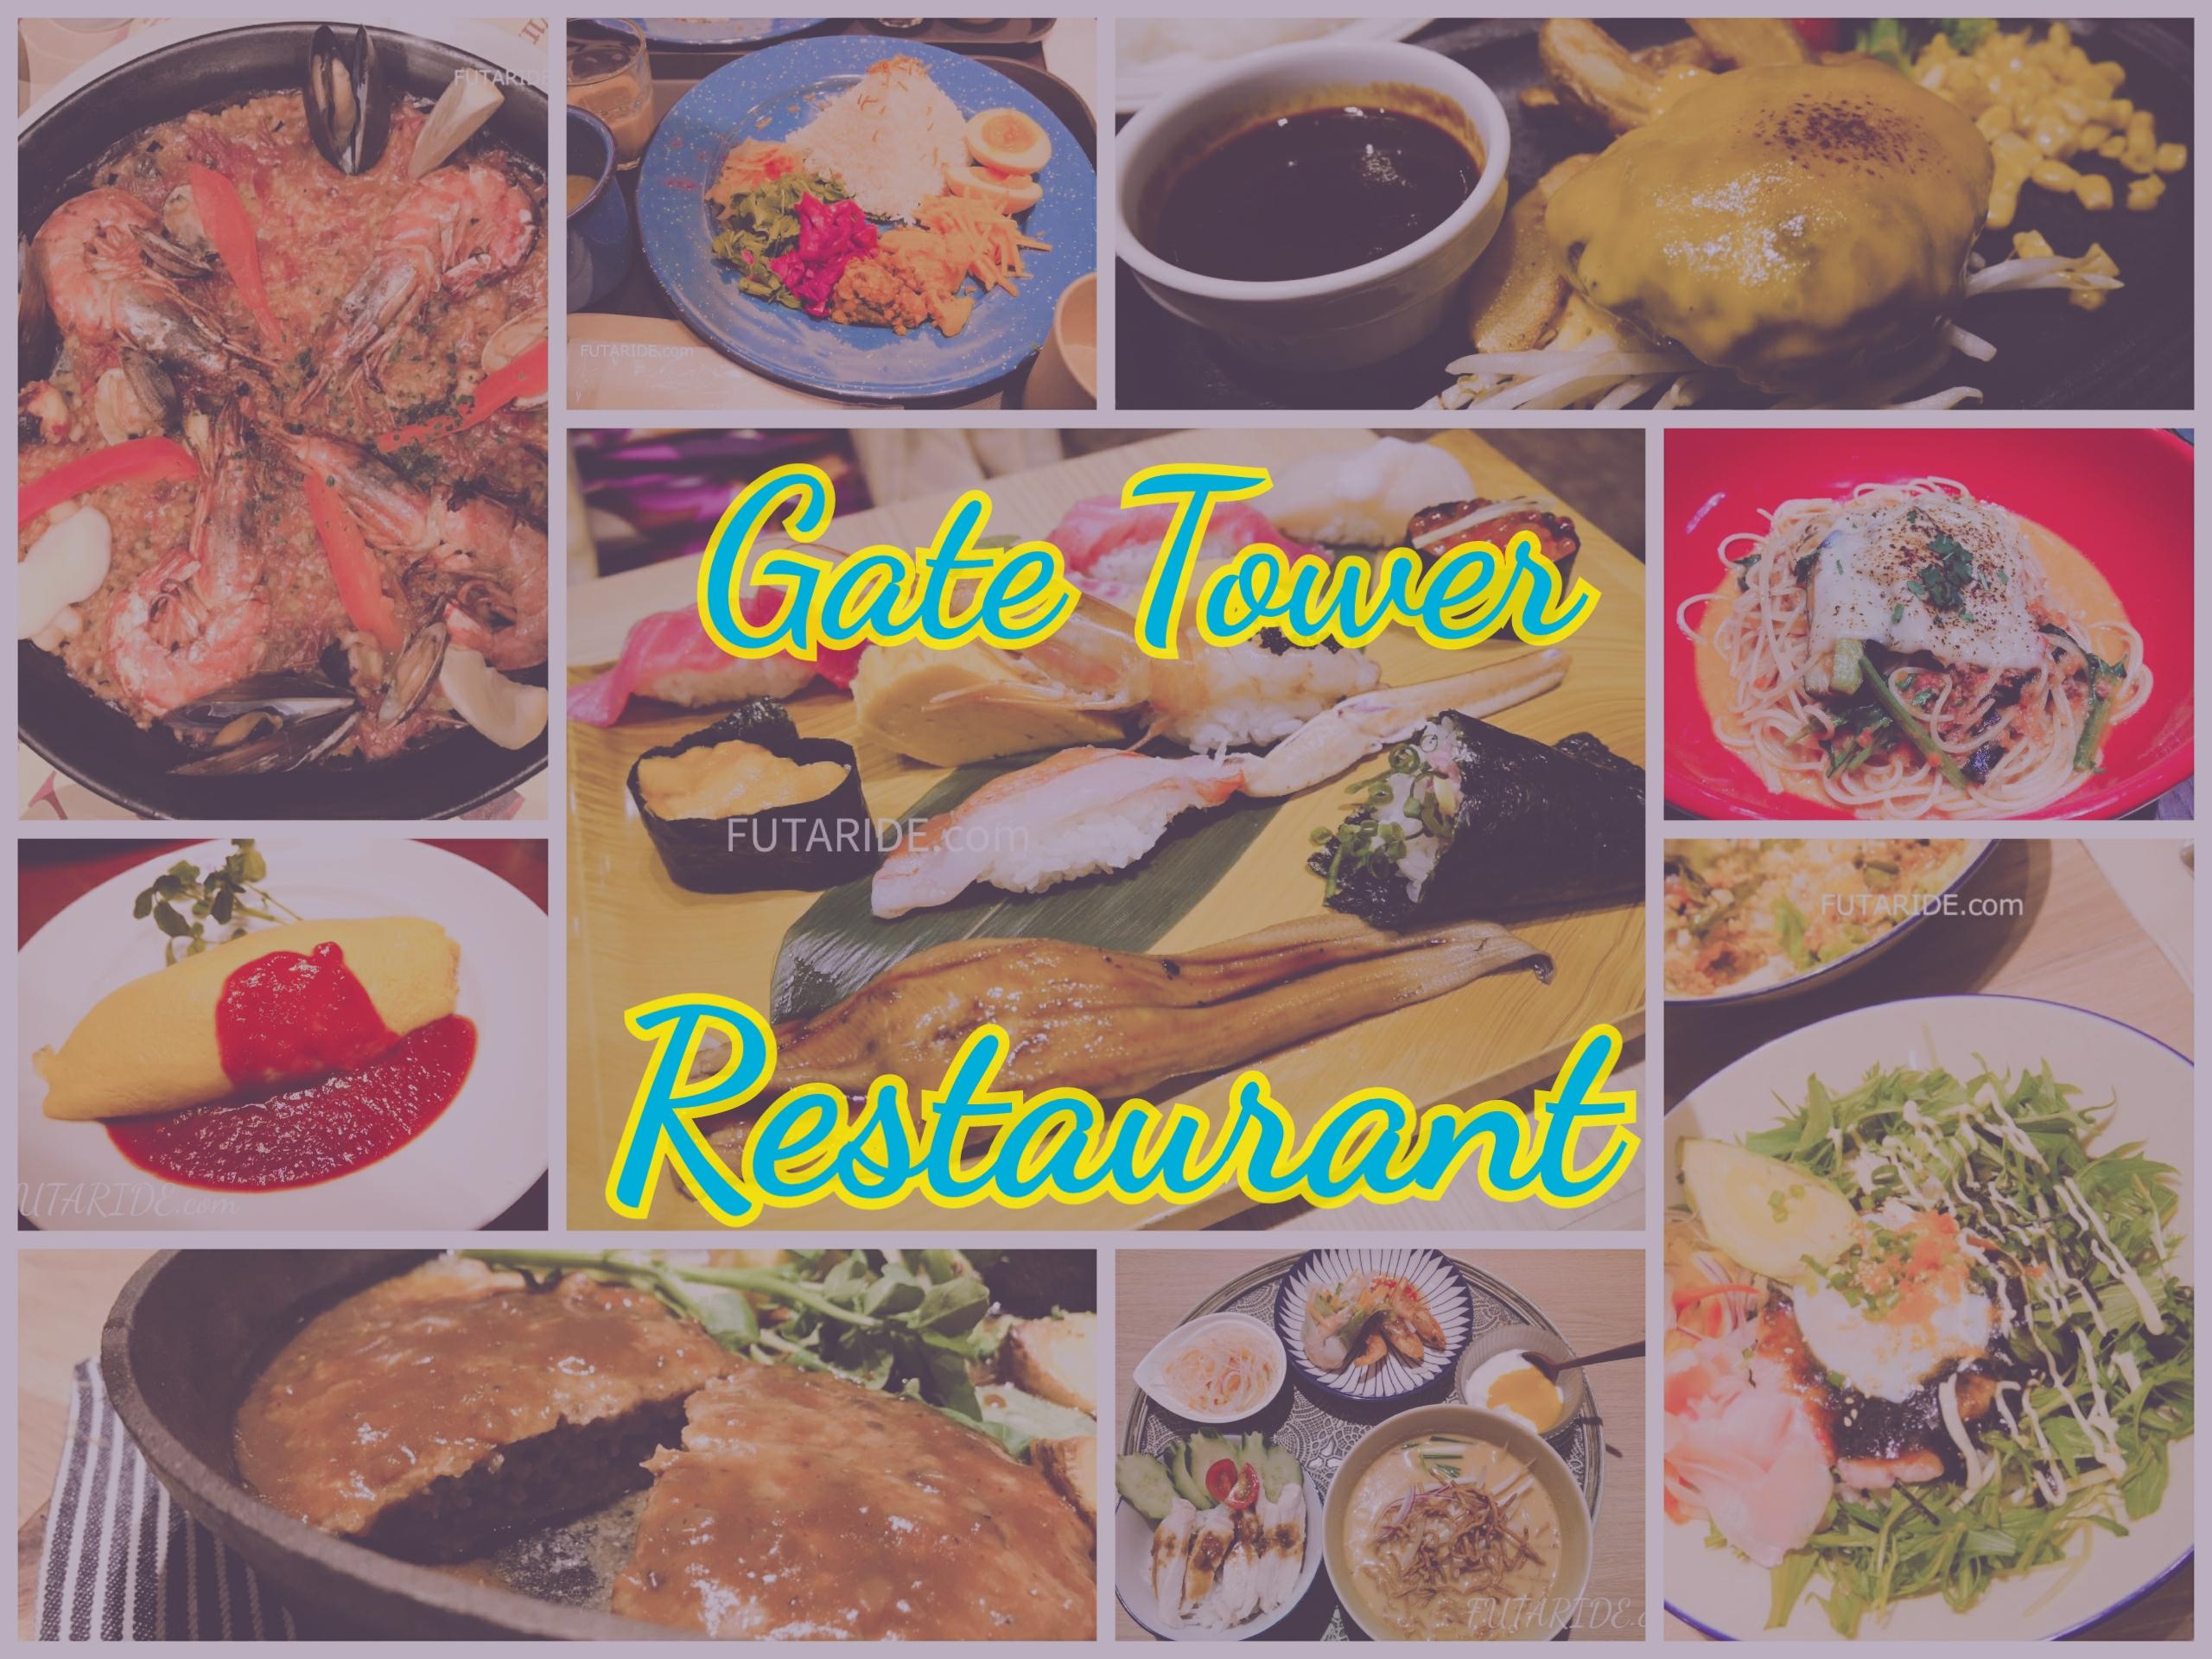 【ゲートタワー レストラン11選】実際に取材しました!ゲートタワーおすすめレストラン【名古屋】